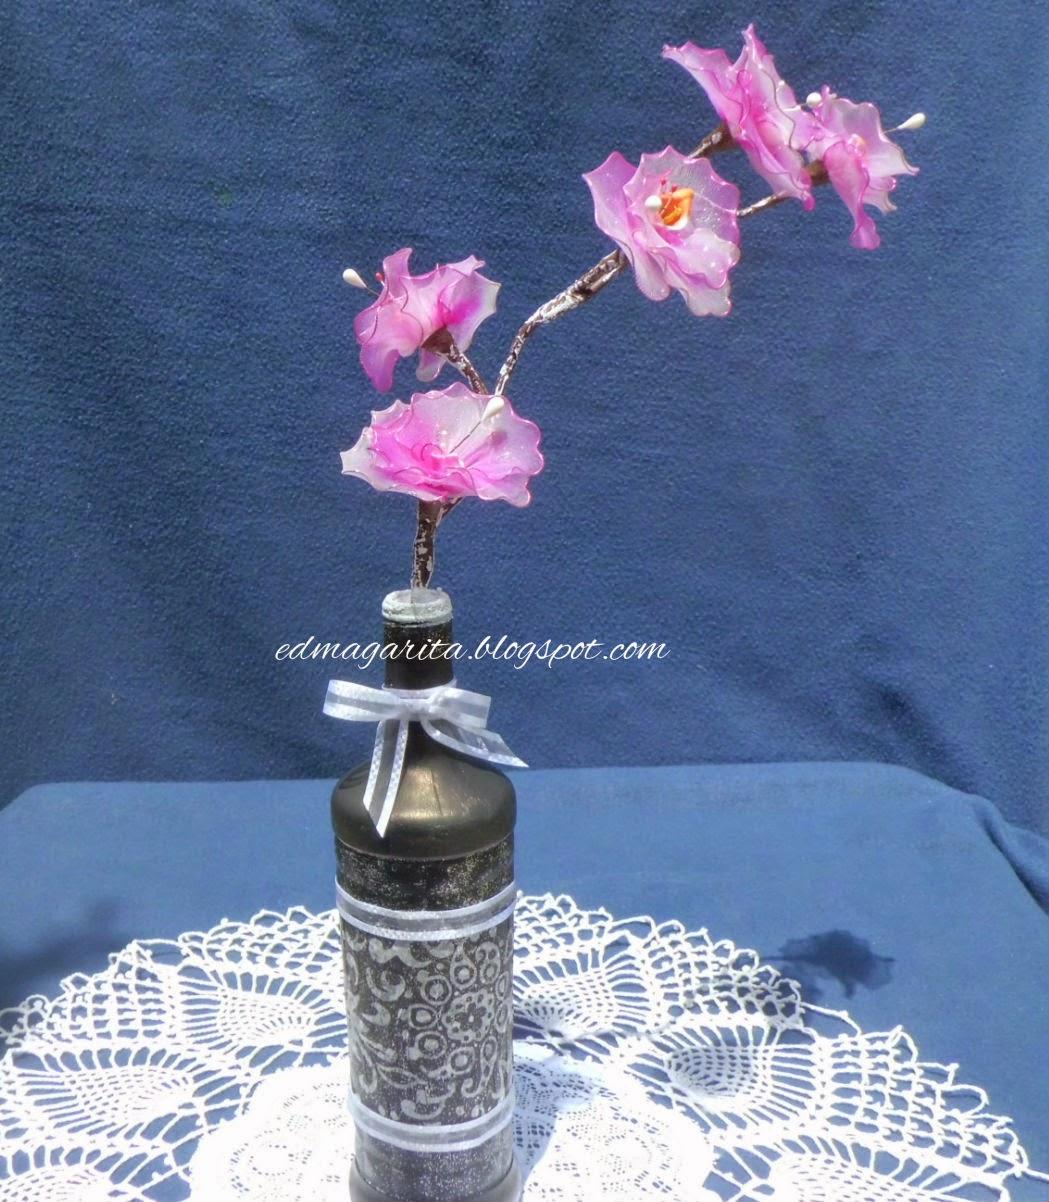 Fotos de ramos de flores - Imagenes De Centros De Flores Artificiales